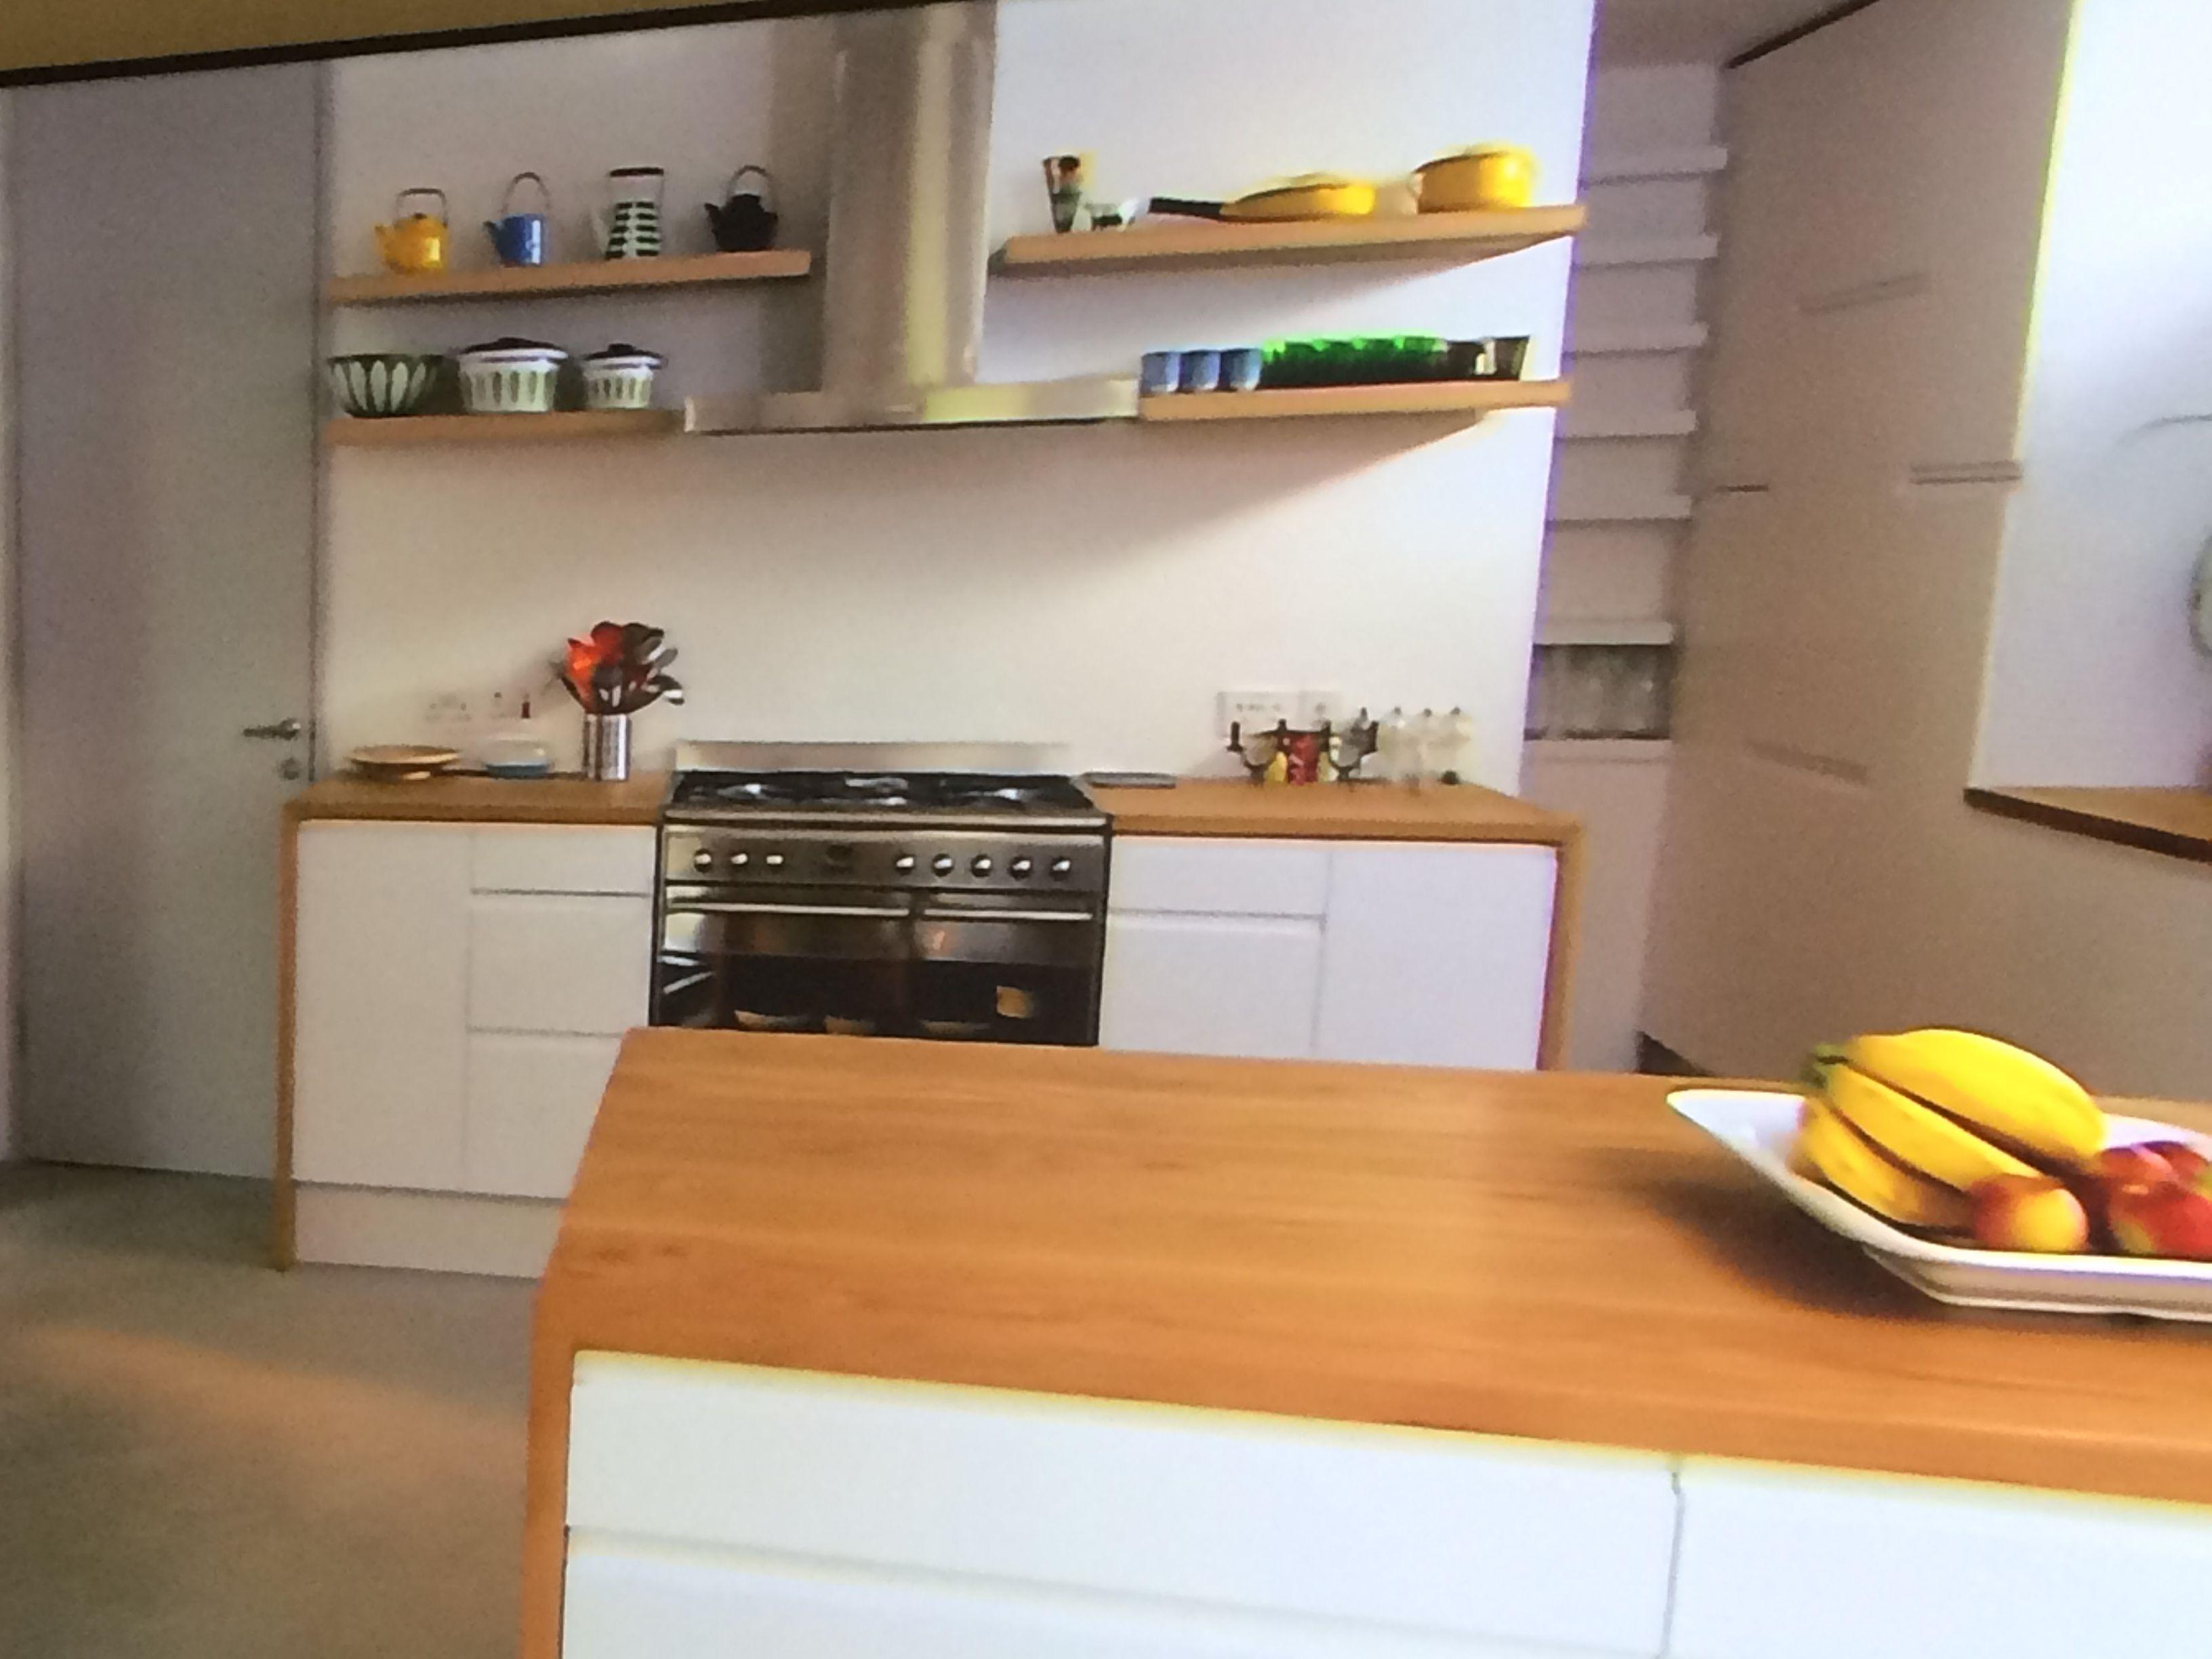 Simple clean cost effective kitchen | Kitchen, Kitchen ...